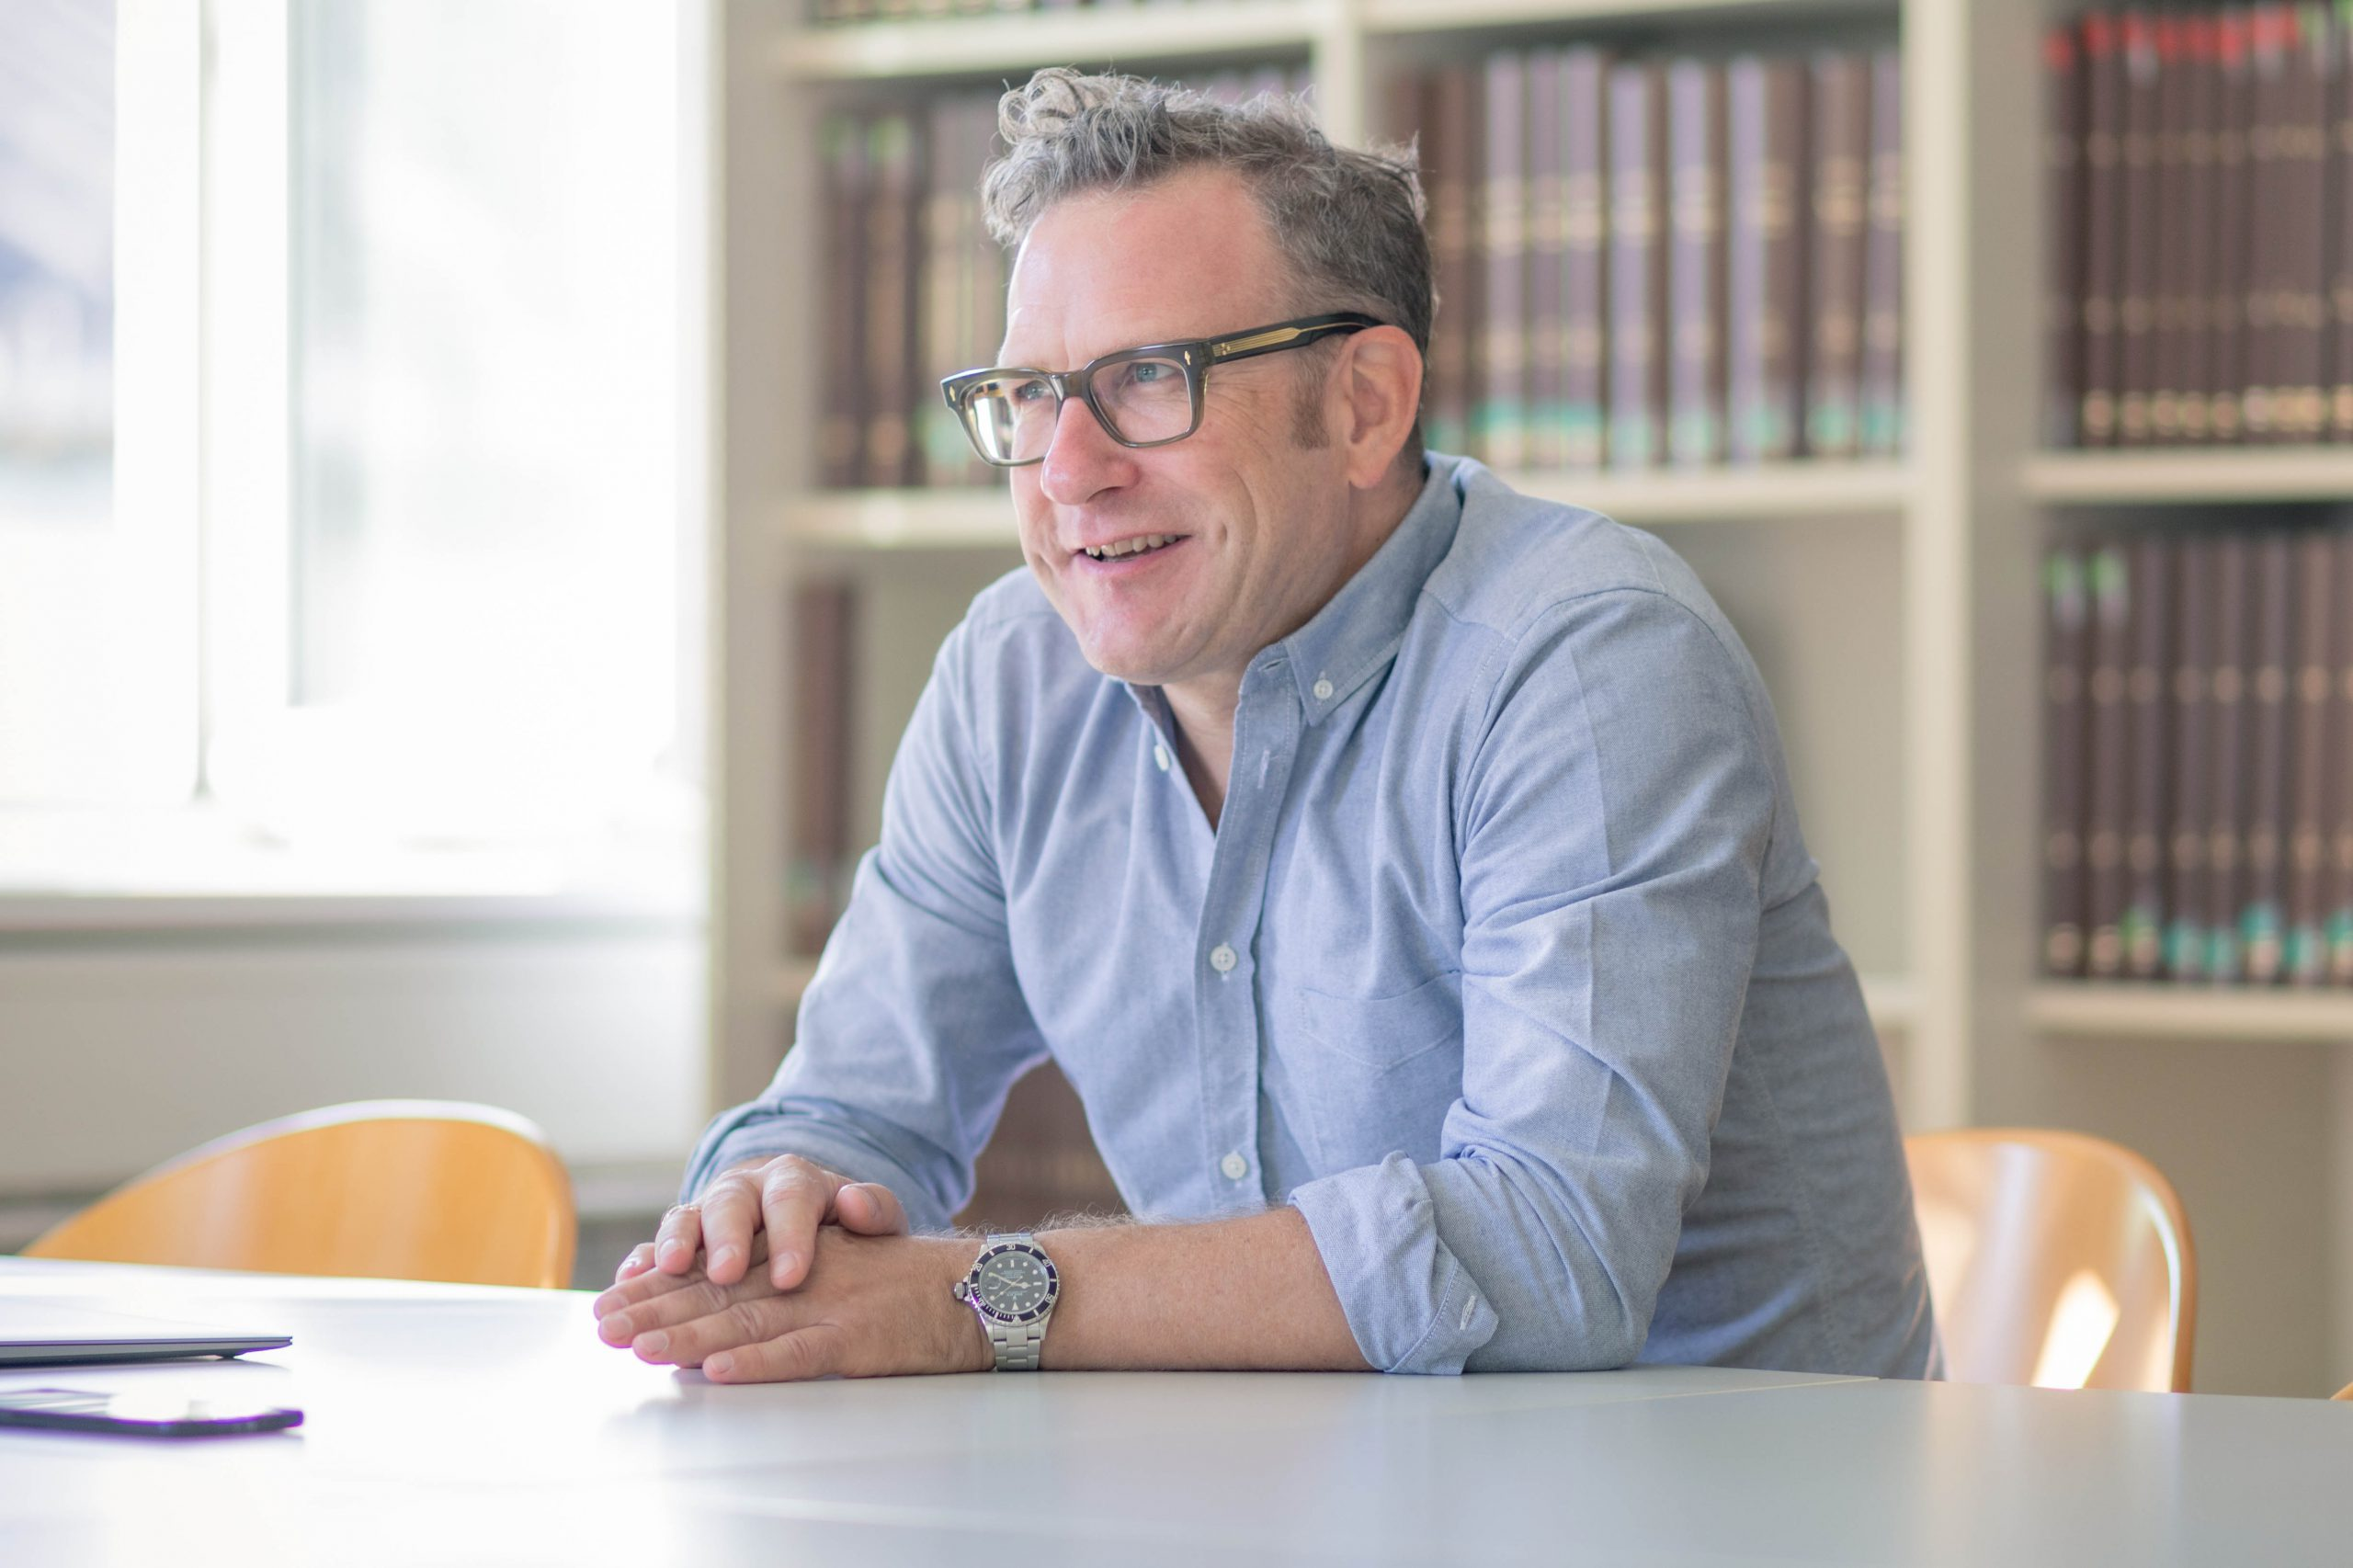 Martin Gruber-Risak diagnostiziert im Homeoffice ein Ruhezeitproblem, aber kein Arbeitszeitproblem.